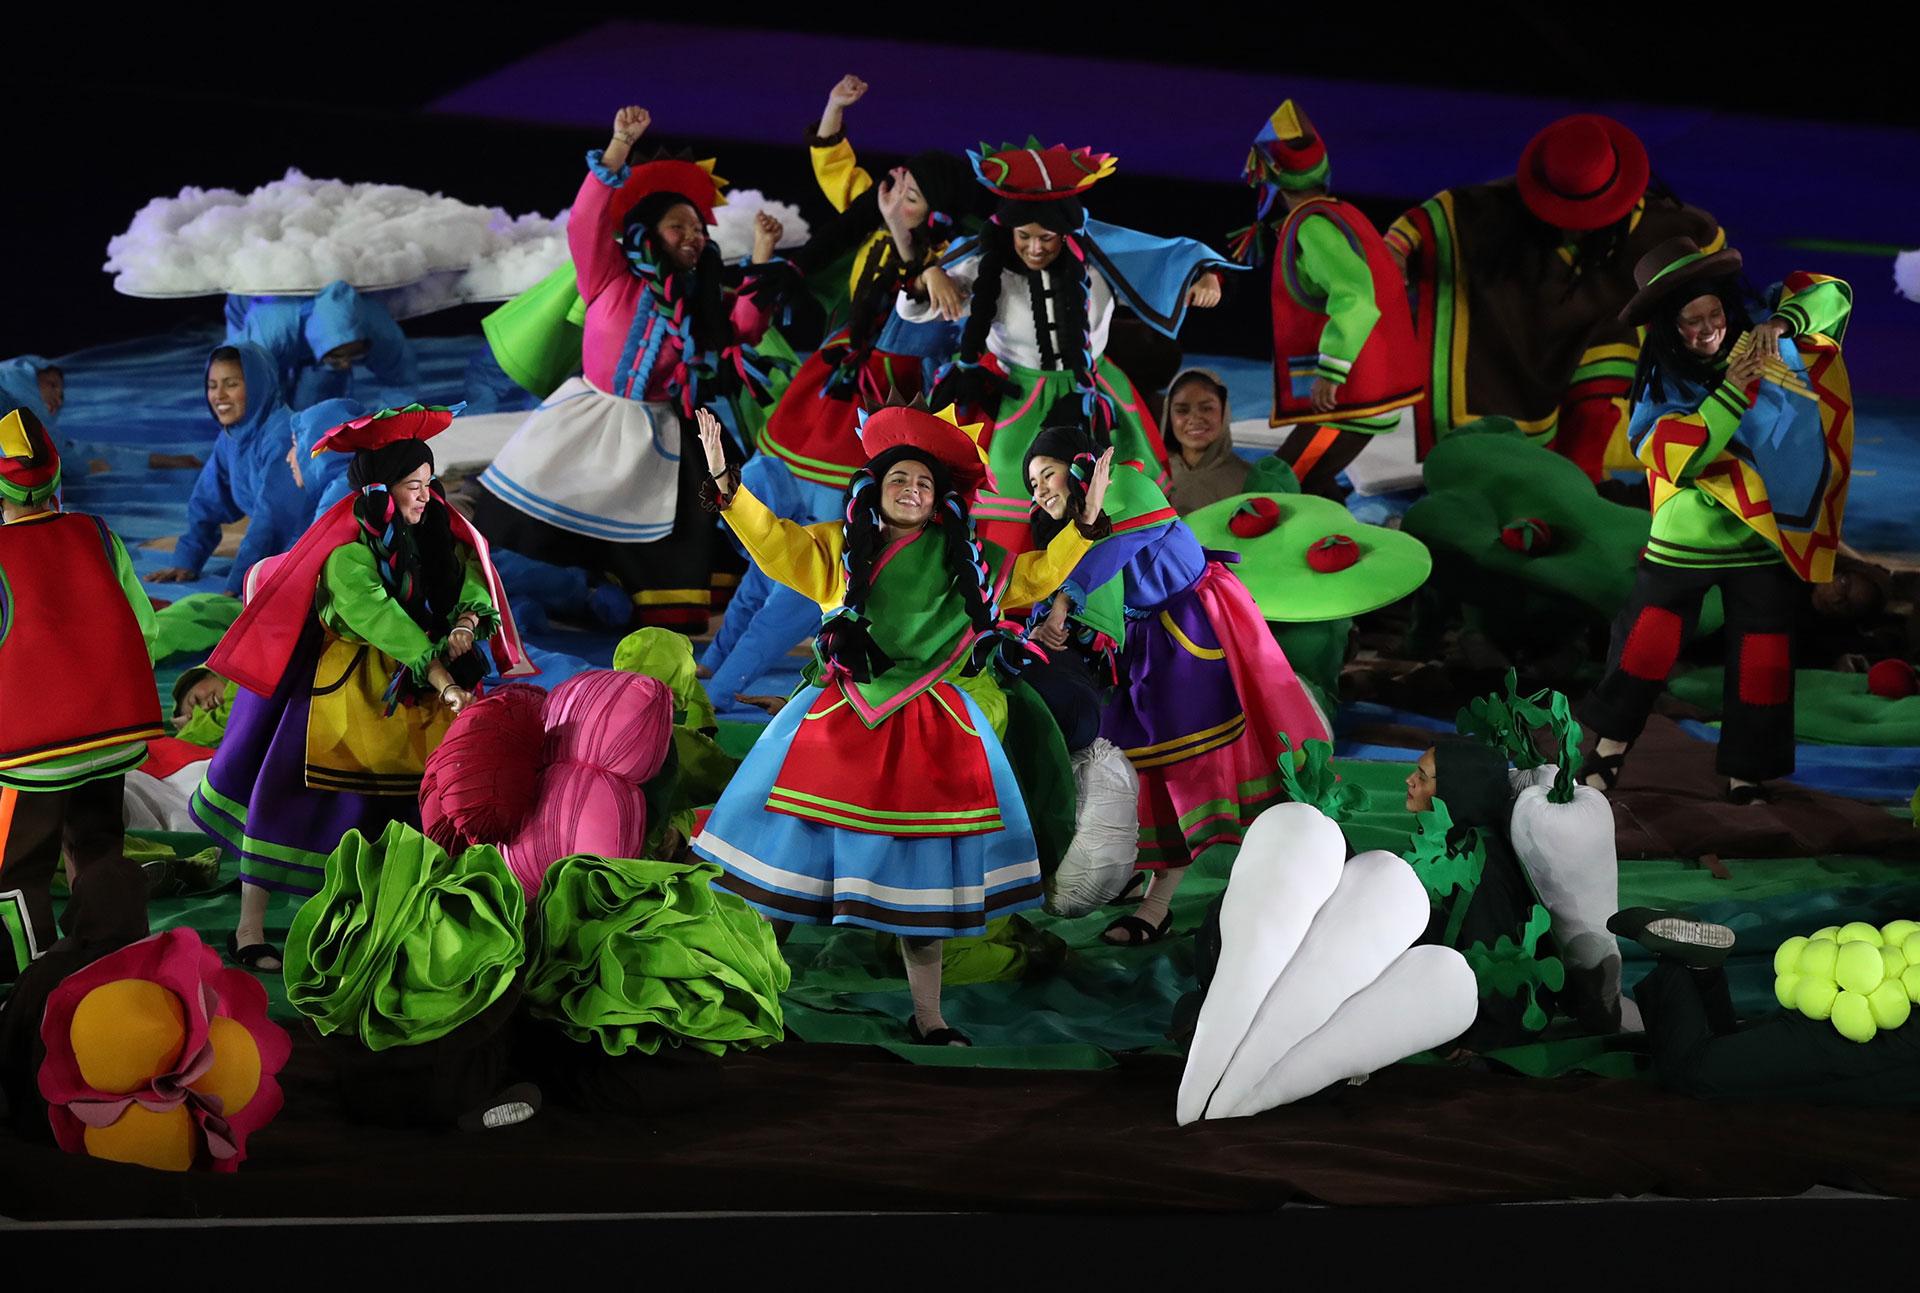 El cierre ofreció imágenes típicas de Perú